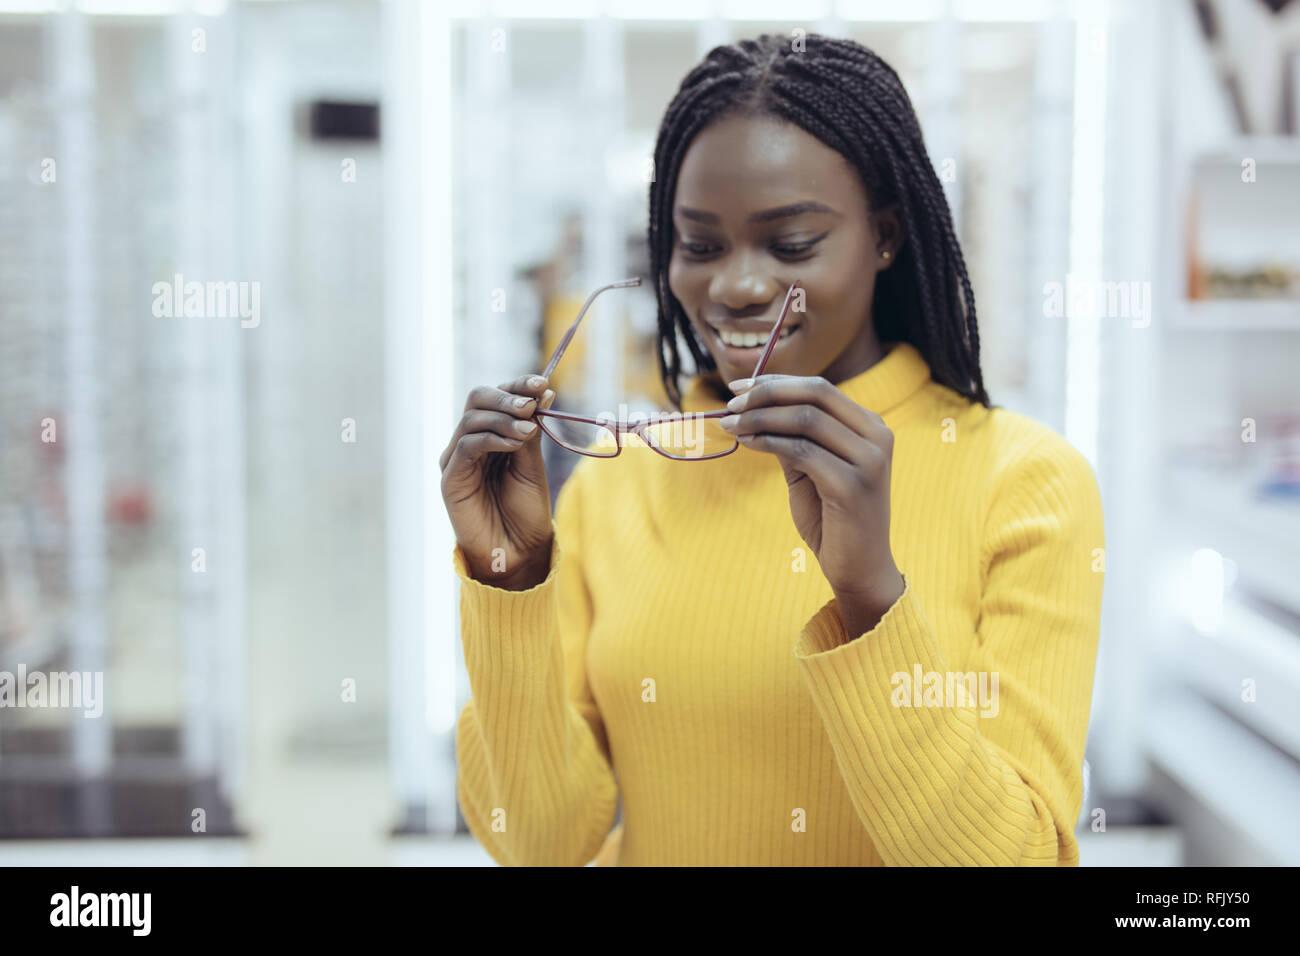 Giovane africano donna graziosa scelta di montature per occhiali in archivio  ottico. Ragazza carina di decidere per bicchieri di diverse forme e colori 29604693b52